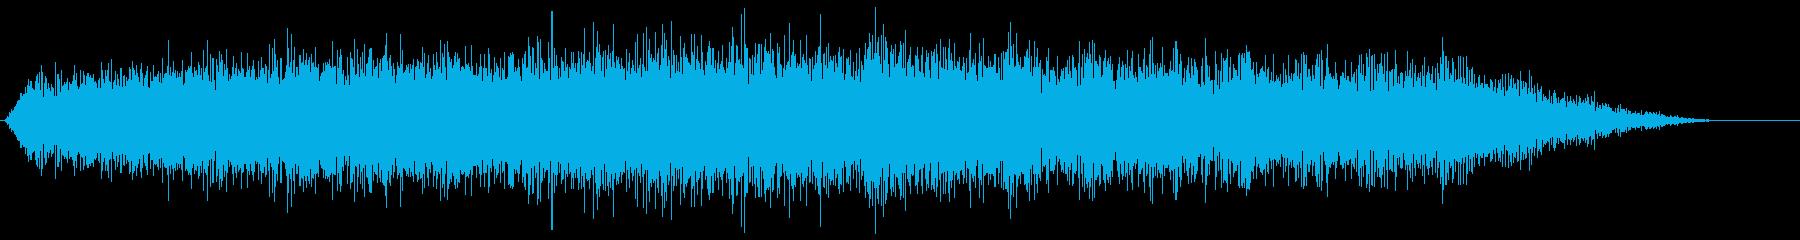 シマー付きベッド予兆ドローンの再生済みの波形